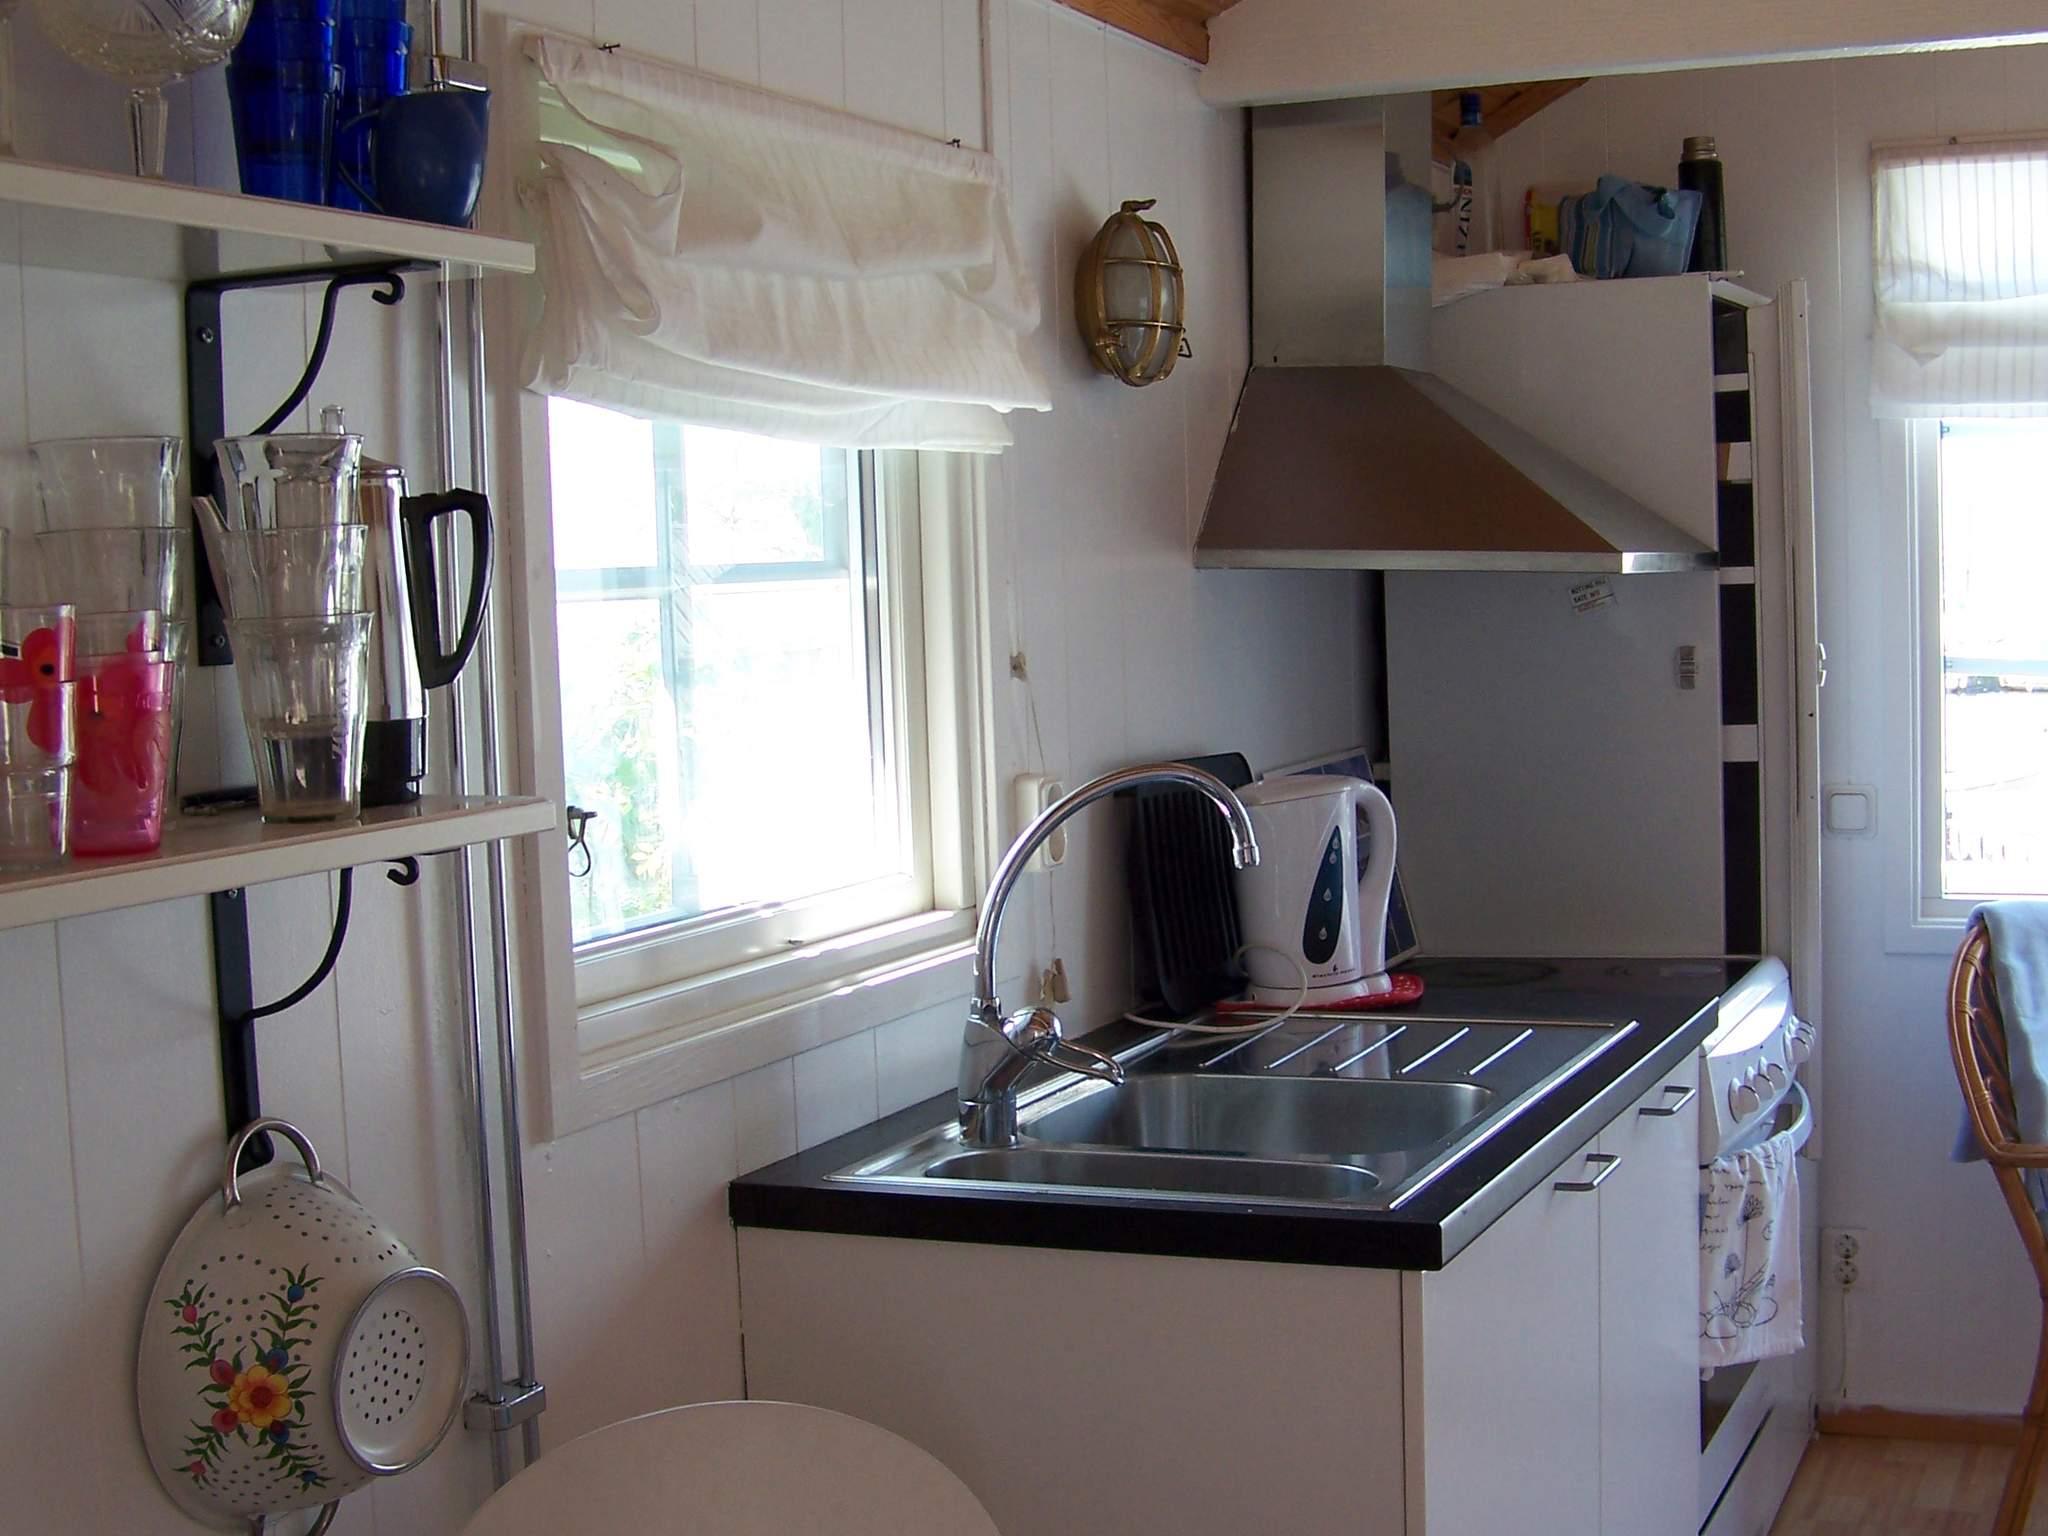 Ferienhaus Tjörn/Rönnäng (490413), Rönnäng, Tjörn, Westschweden, Schweden, Bild 6